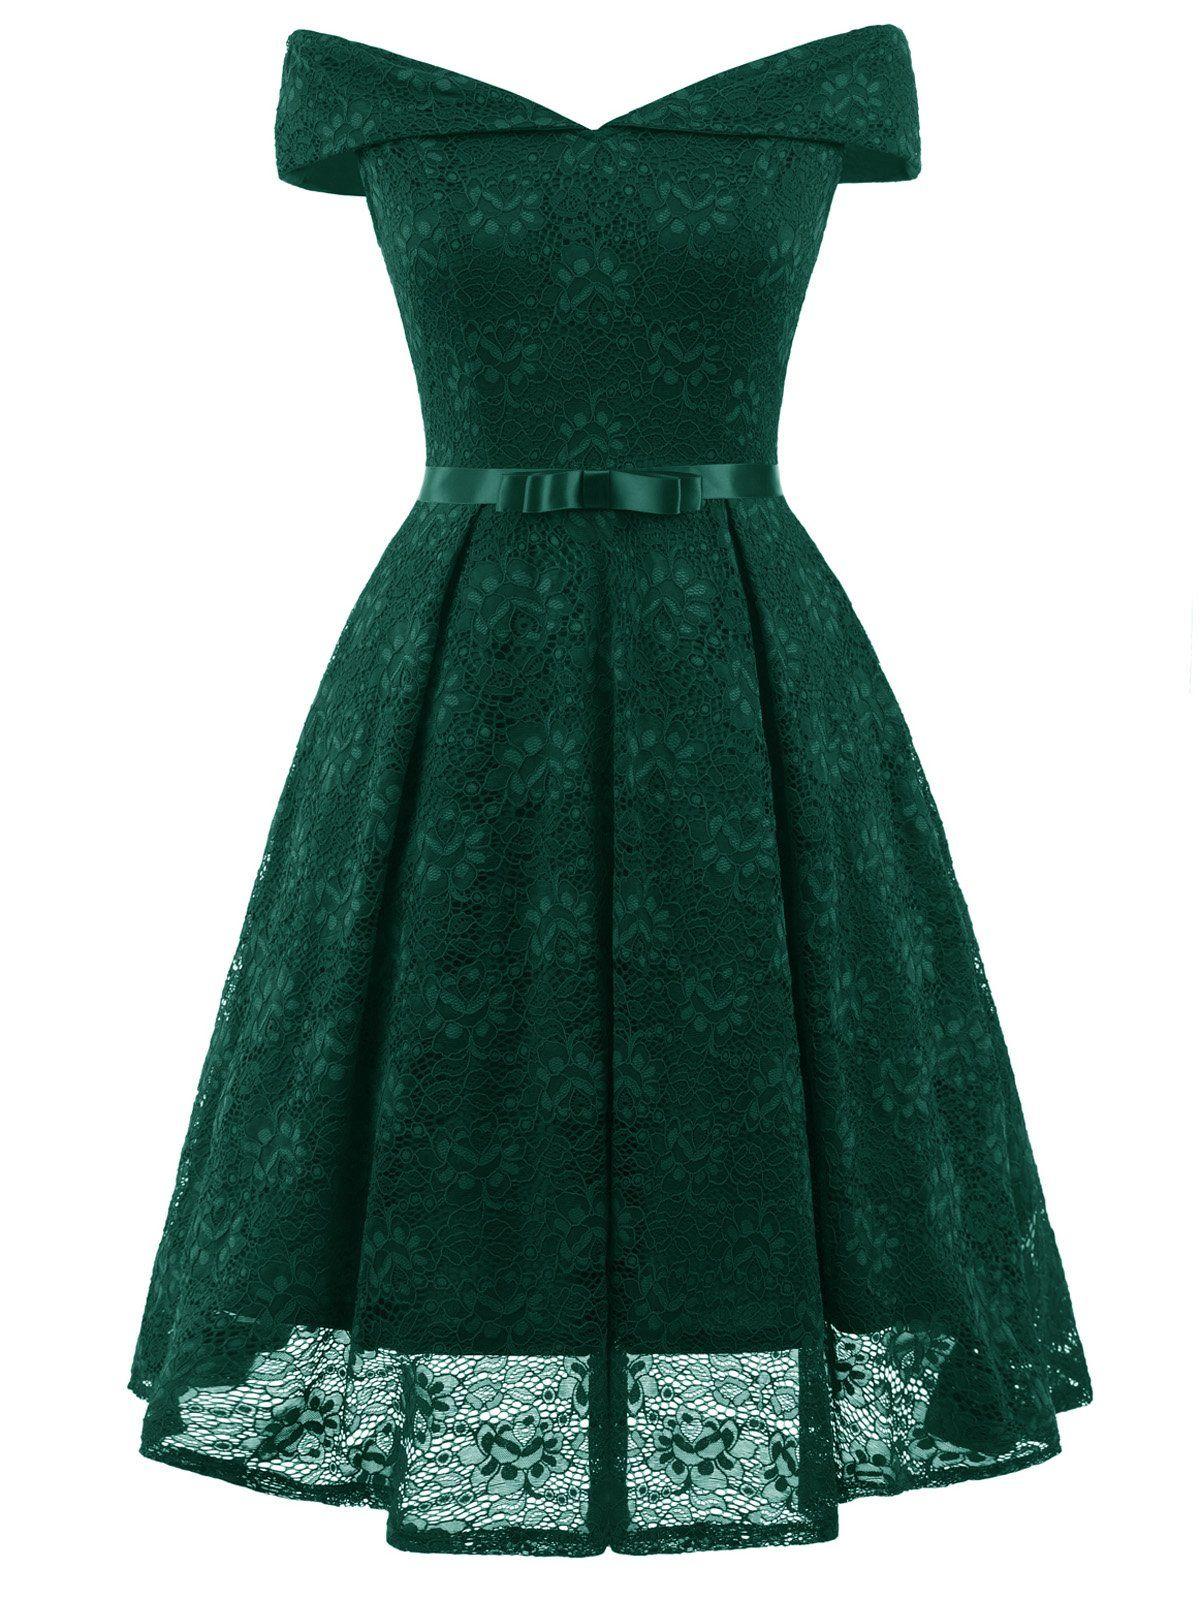 1950s Lace Off Shoulder Dress – Retro Stage - Chic Vintage Dresses ...